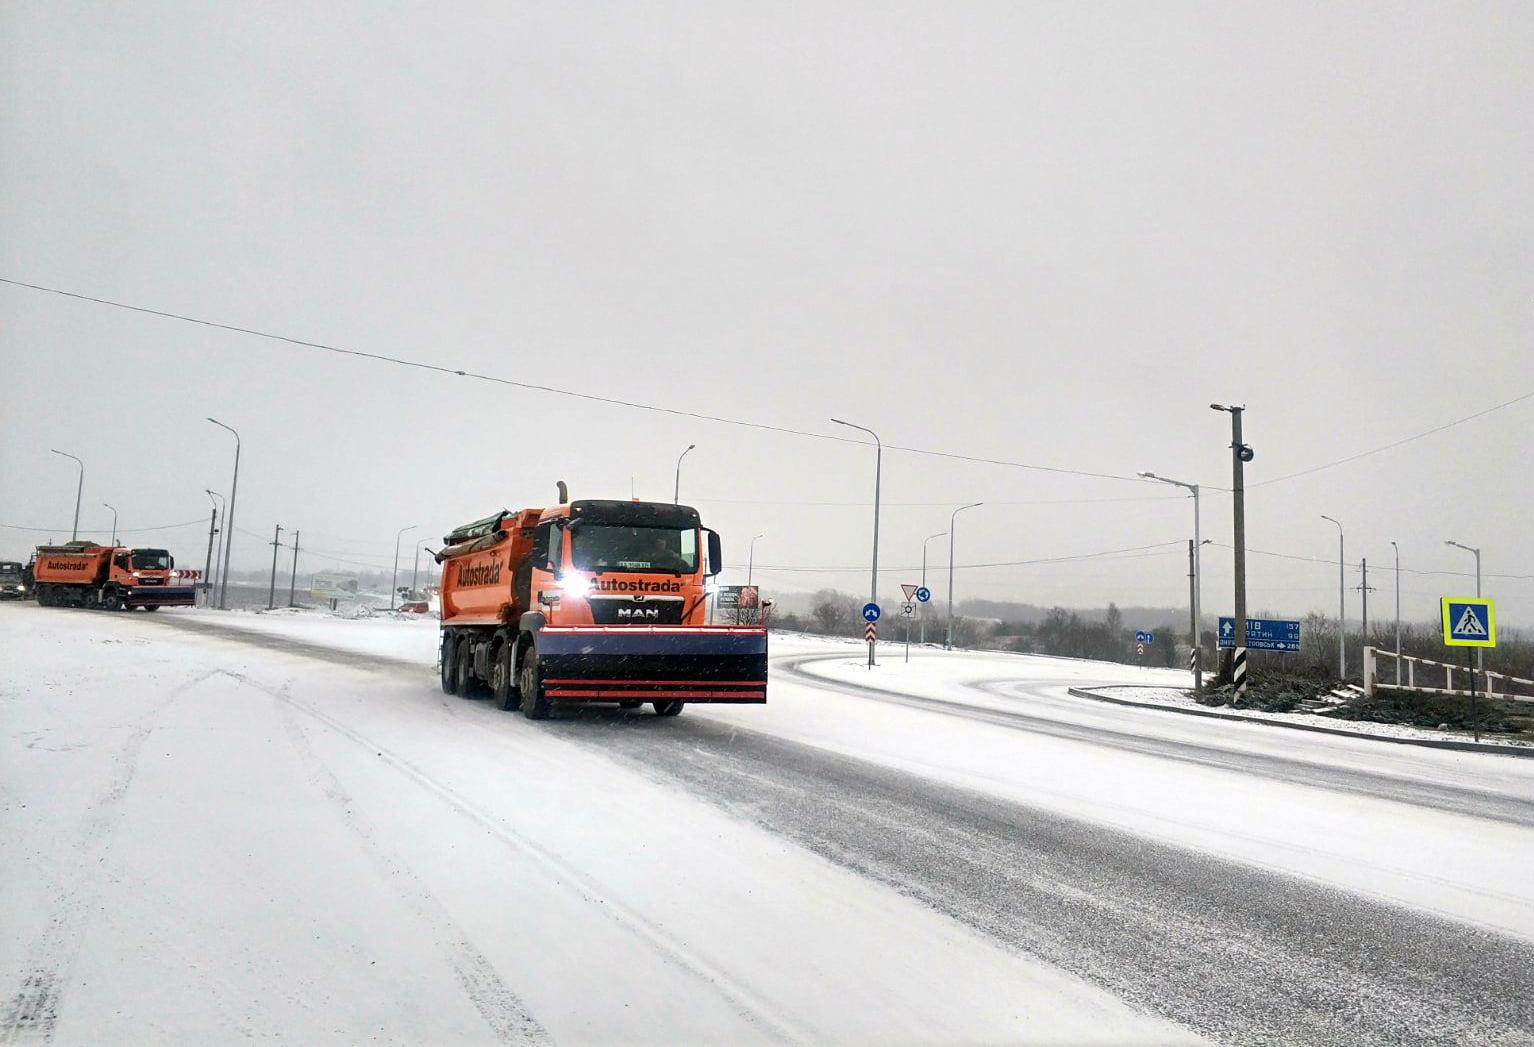 Понад 50 одиниць техніки в області розчищають дороги